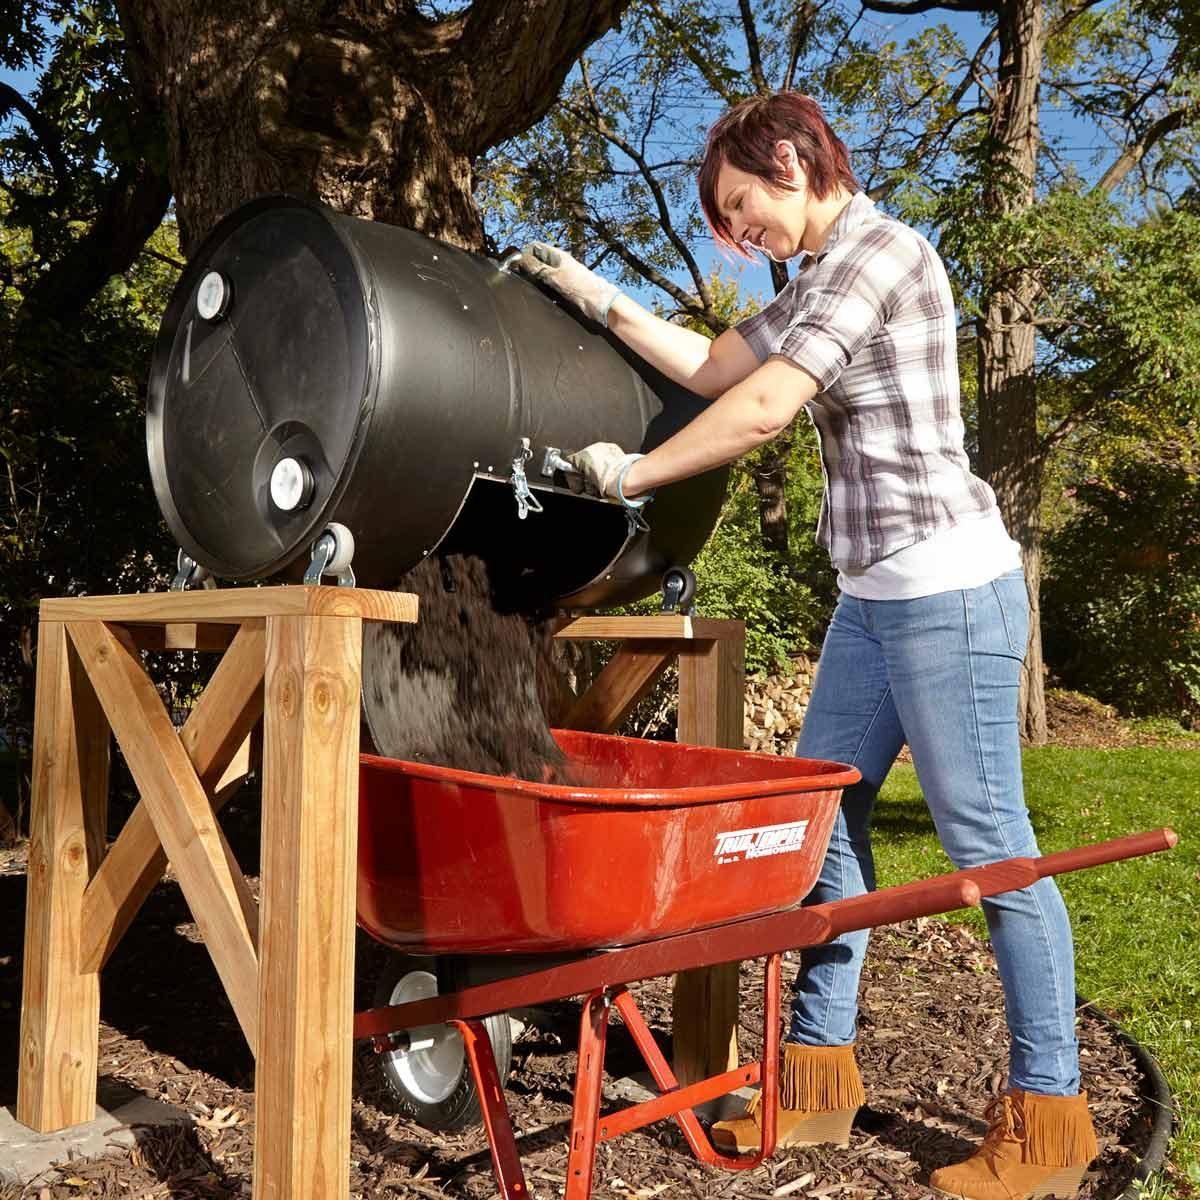 Diy Compost Bin Trash Can: DIY Compost Barrel Tumbler